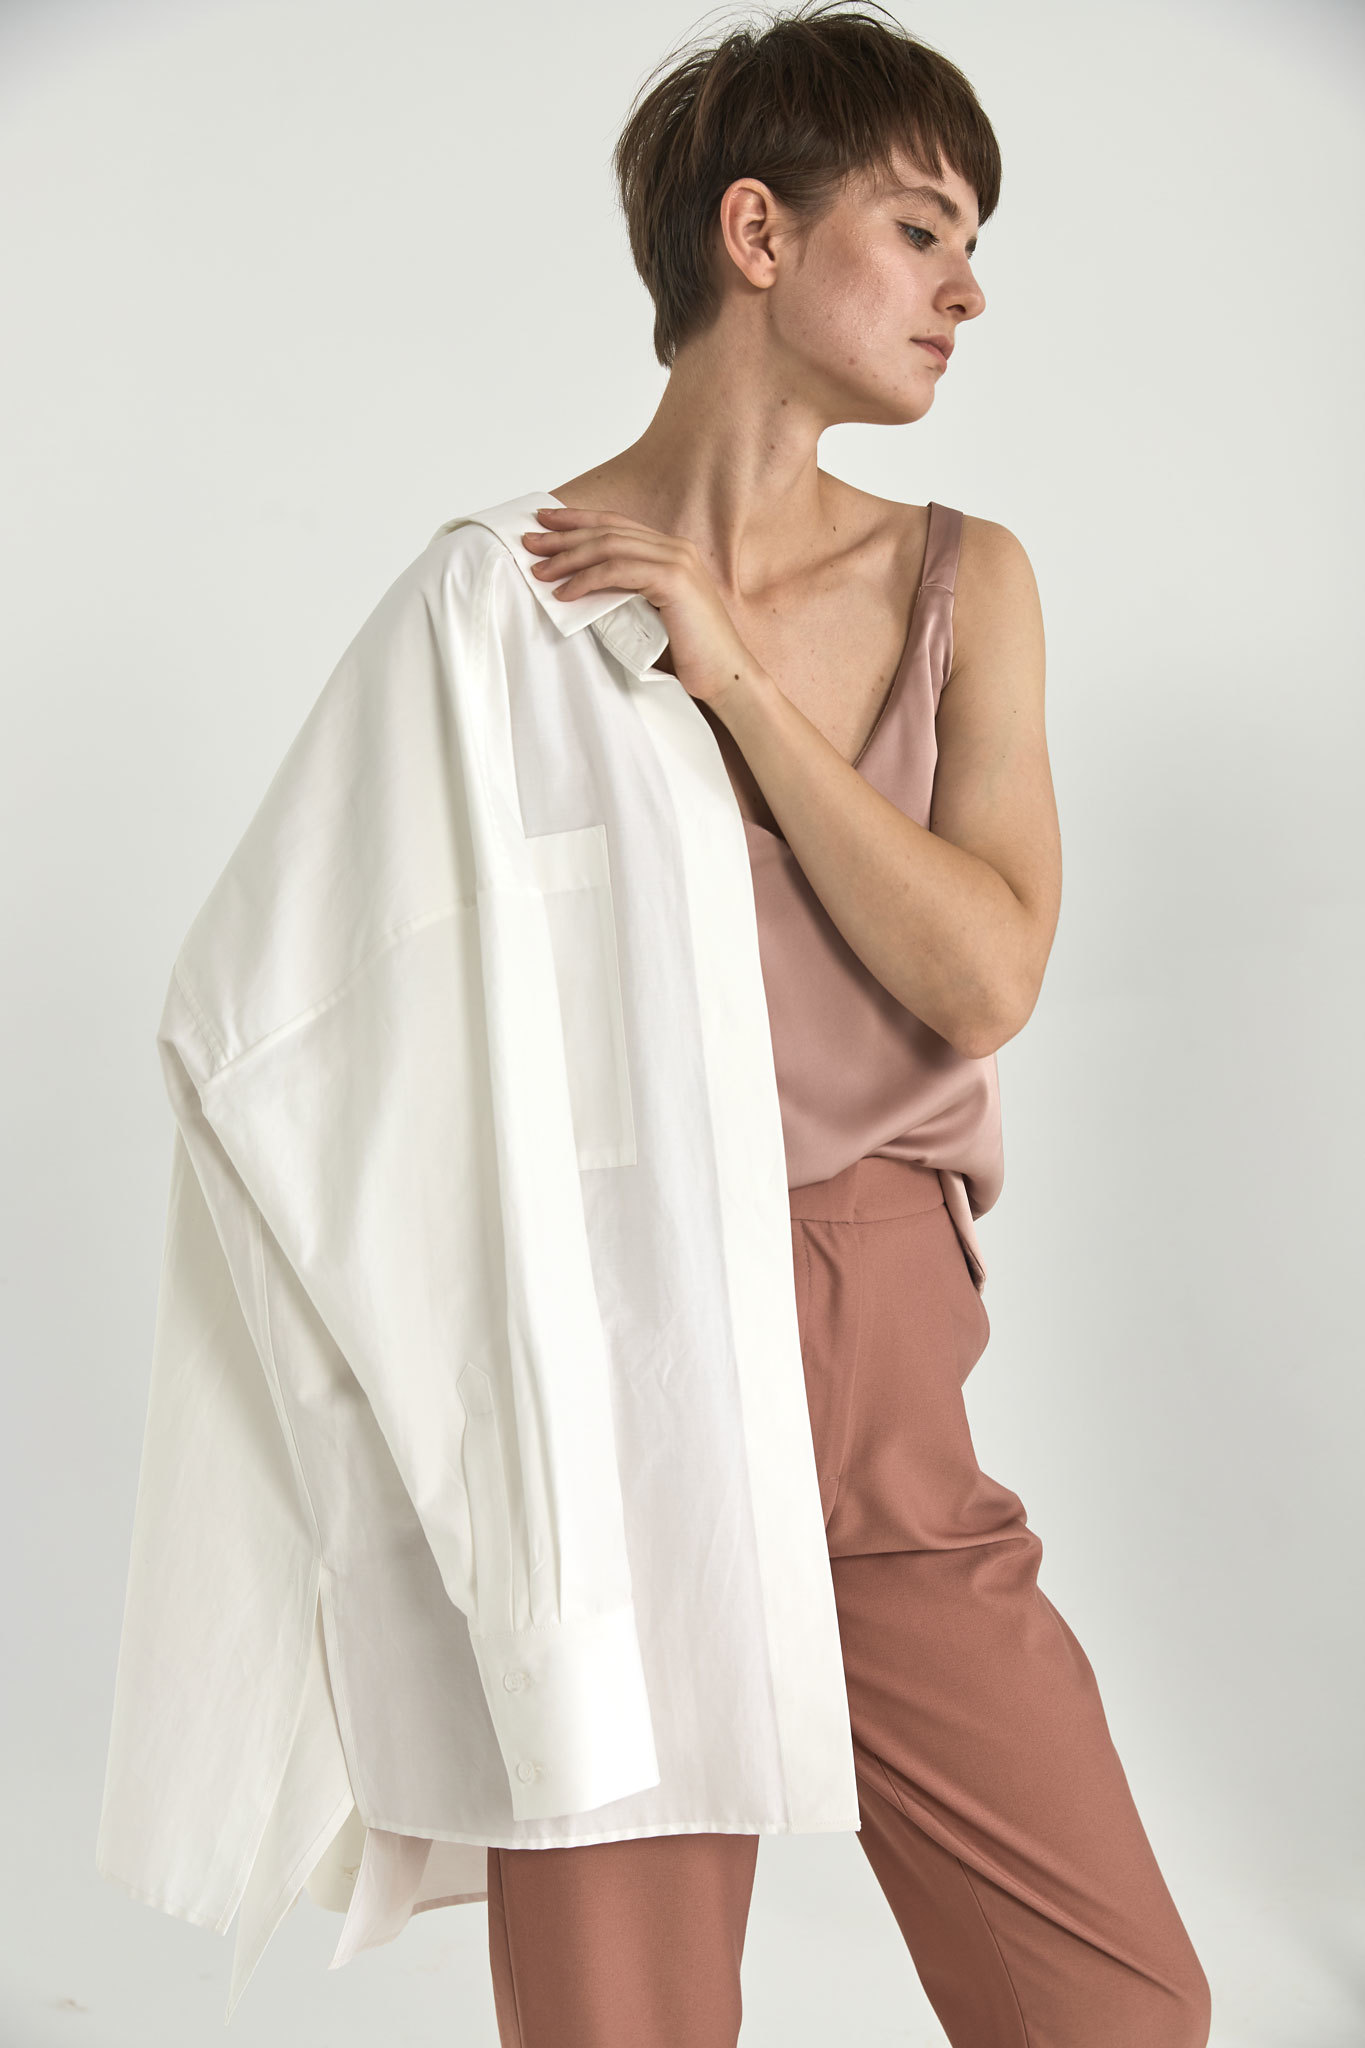 Рубашка оверсайз в мужском стиле, белый